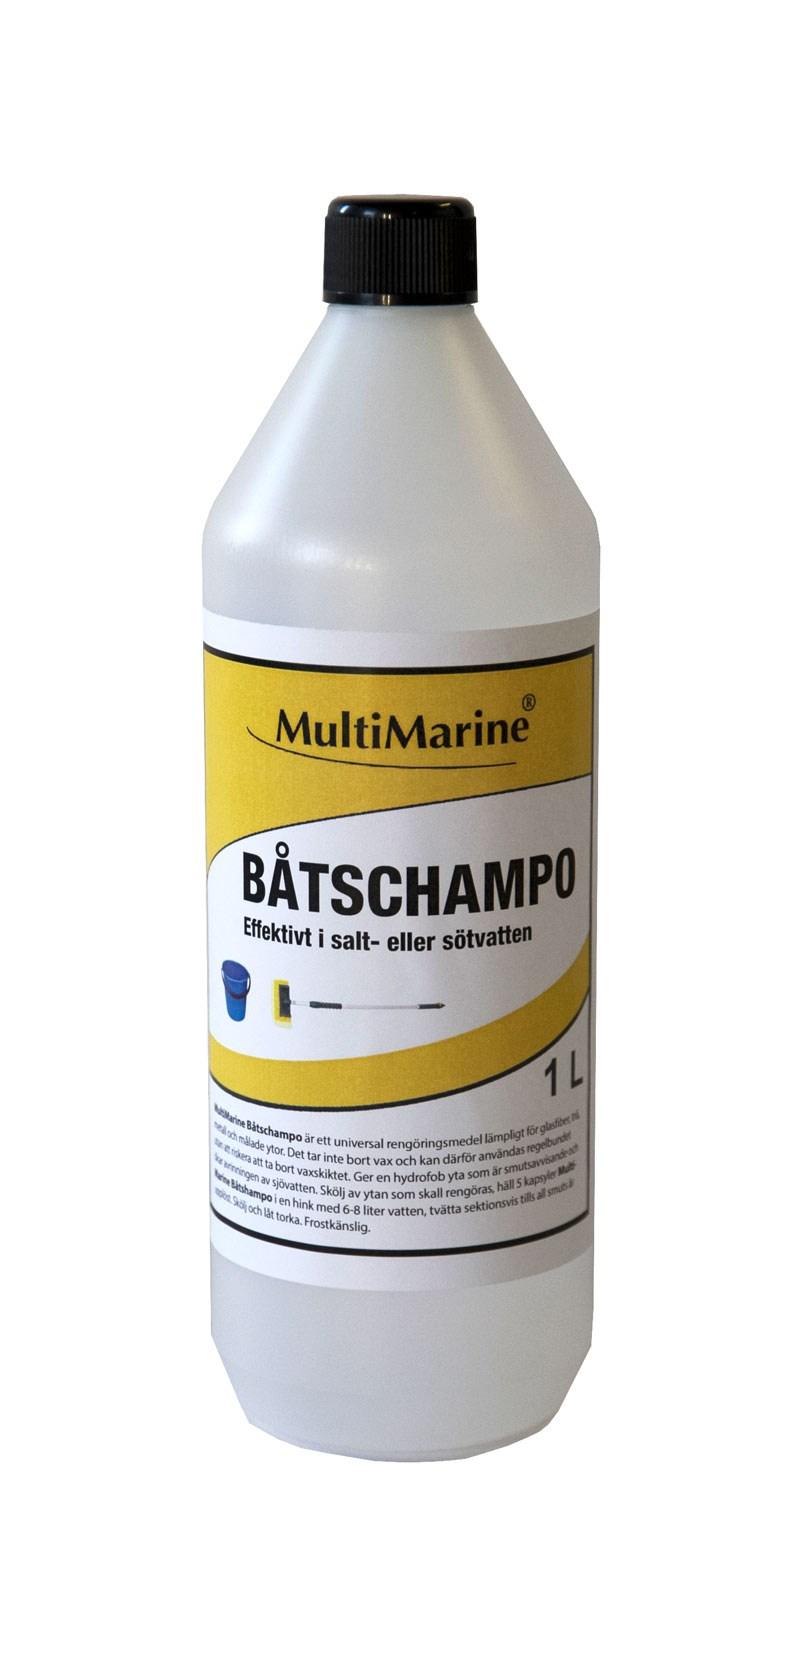 MultiMarine Båtschampo 1liter